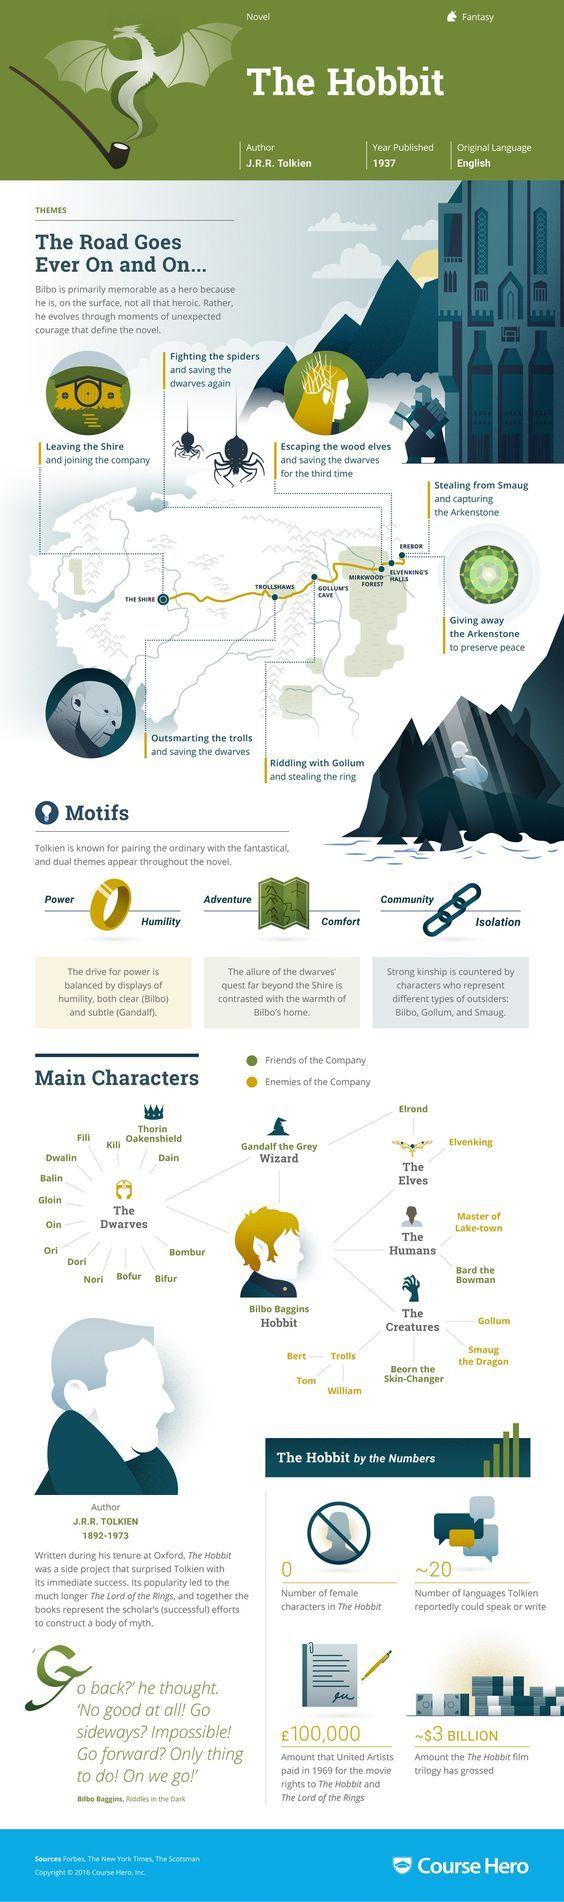 The Hobbit infographic, by The Course Hero https://www.coursehero.com/lit/The-Hobbit/infographic/  En un post anterior introduje el tema del pensamiento visual como una herramienta interesante para la clase inversa. Las infografías son un género de pensamiento visual. Estoy segura de que conoces este recurso, la web está llena de